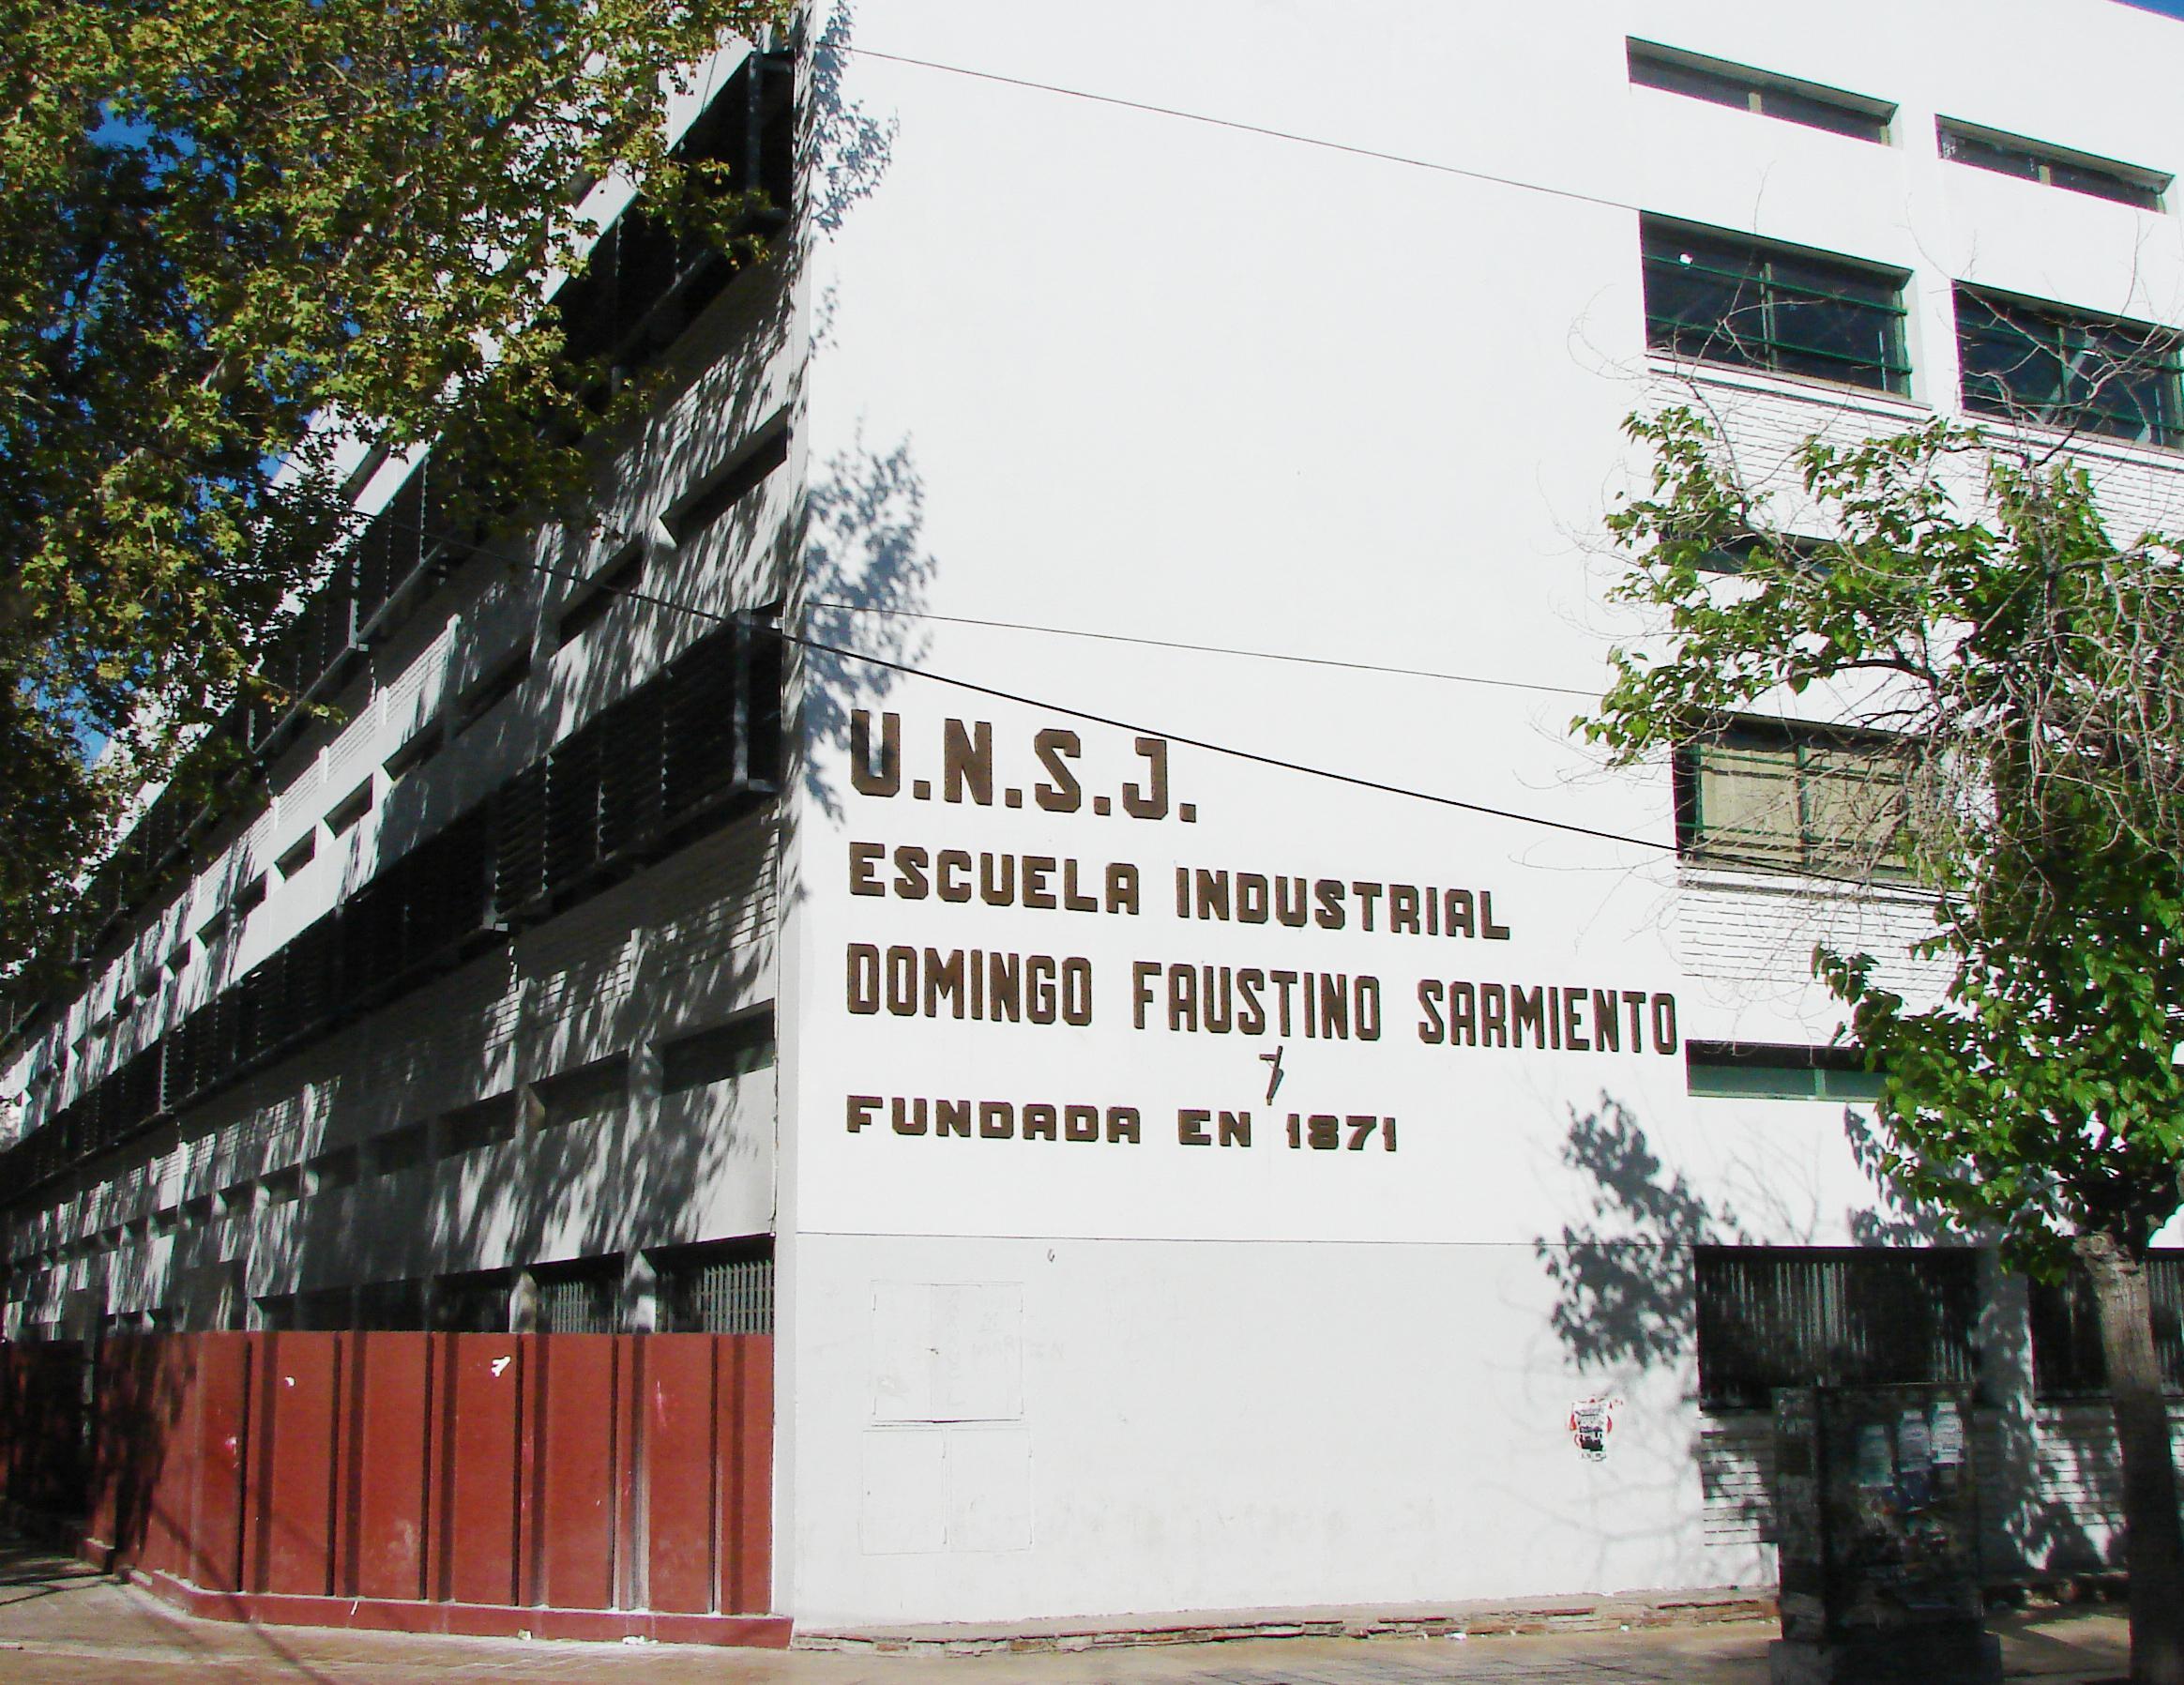 Escuela Industrial DF Sarmiento de la UNSJ